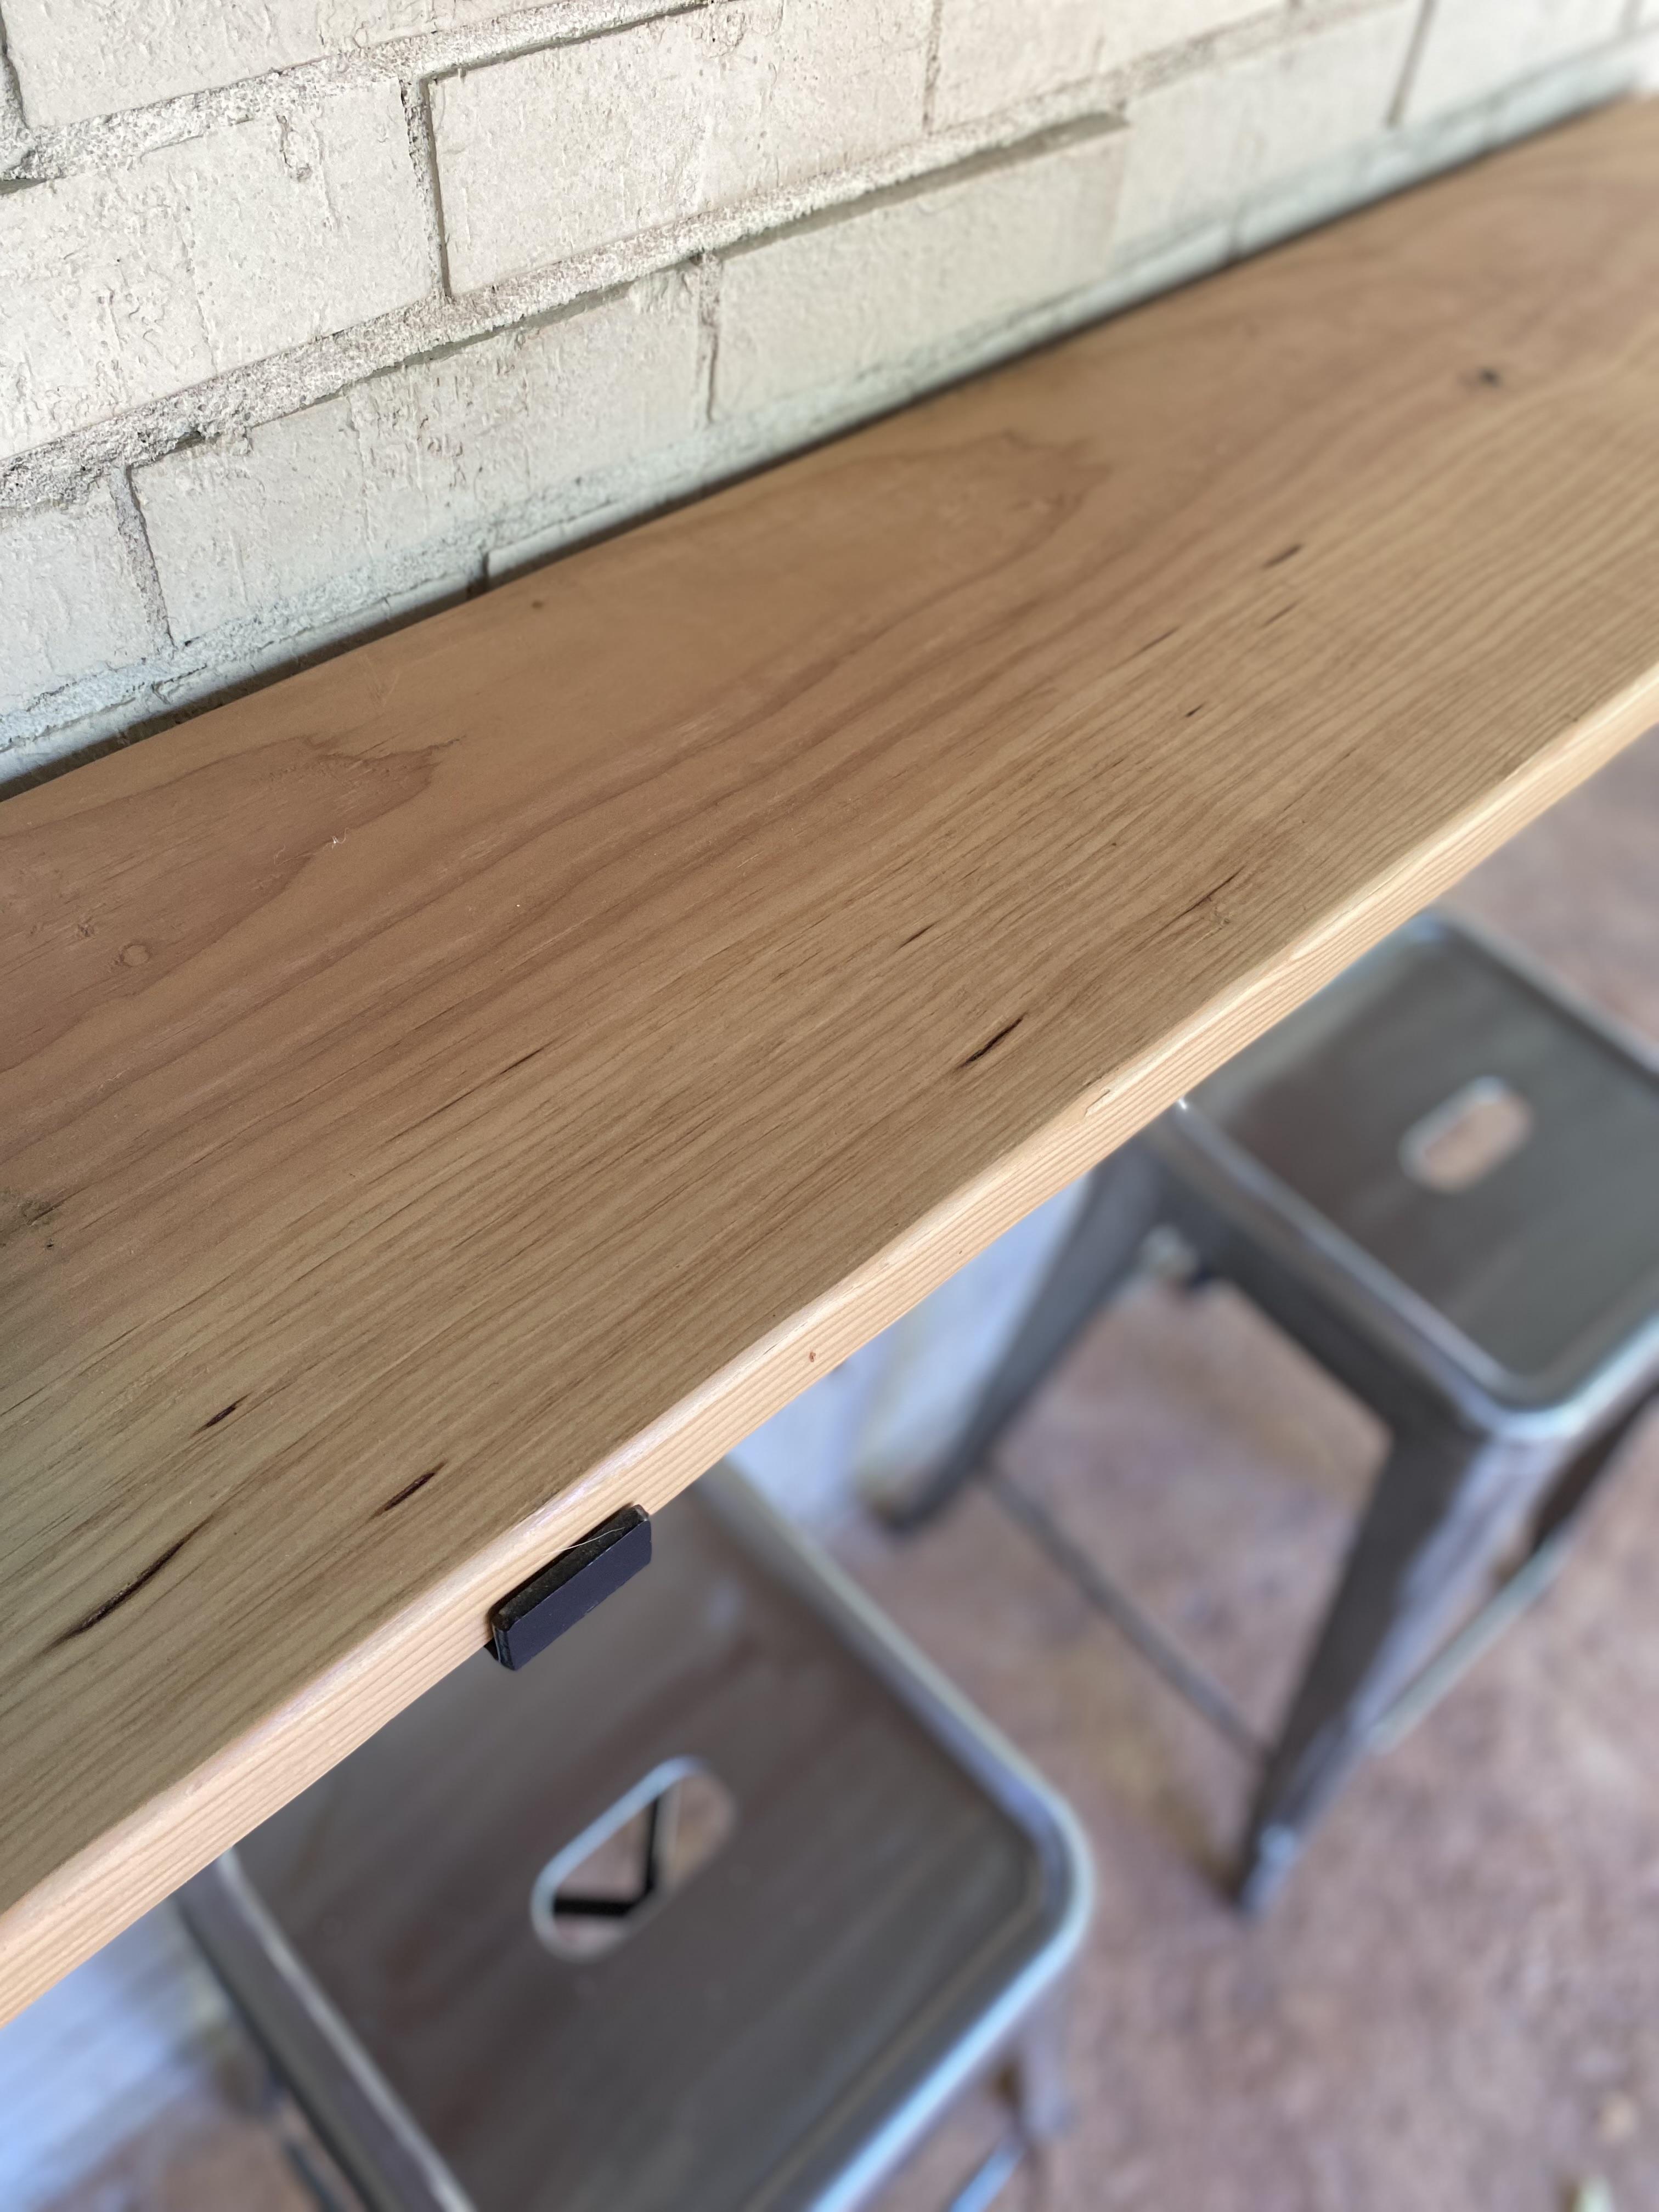 DIY wood shelf or bar